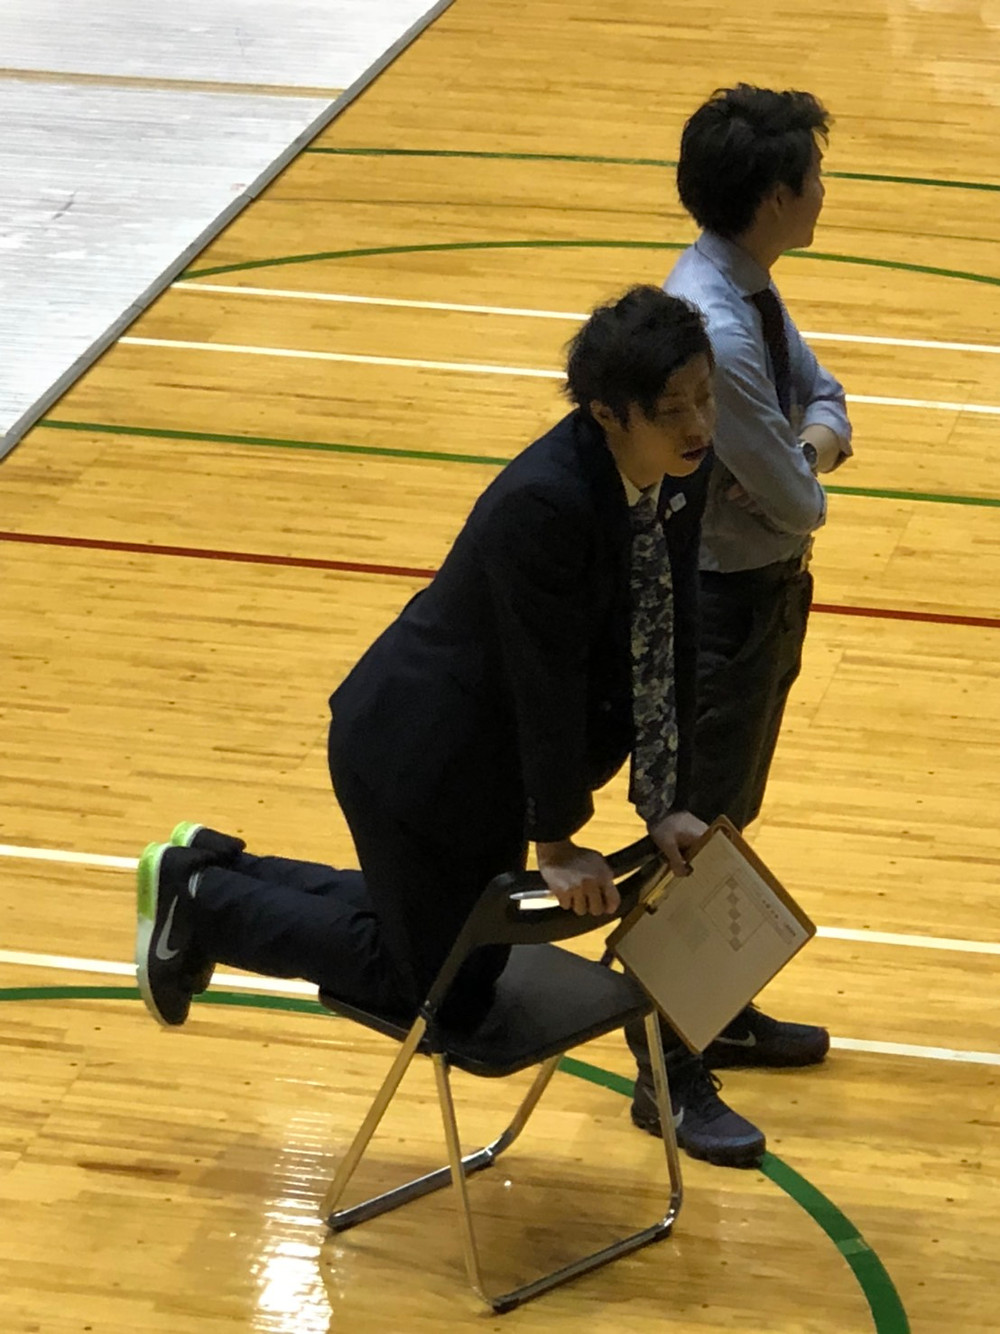 かわいいポーズの佐藤好寛コーチ(国際審判員)